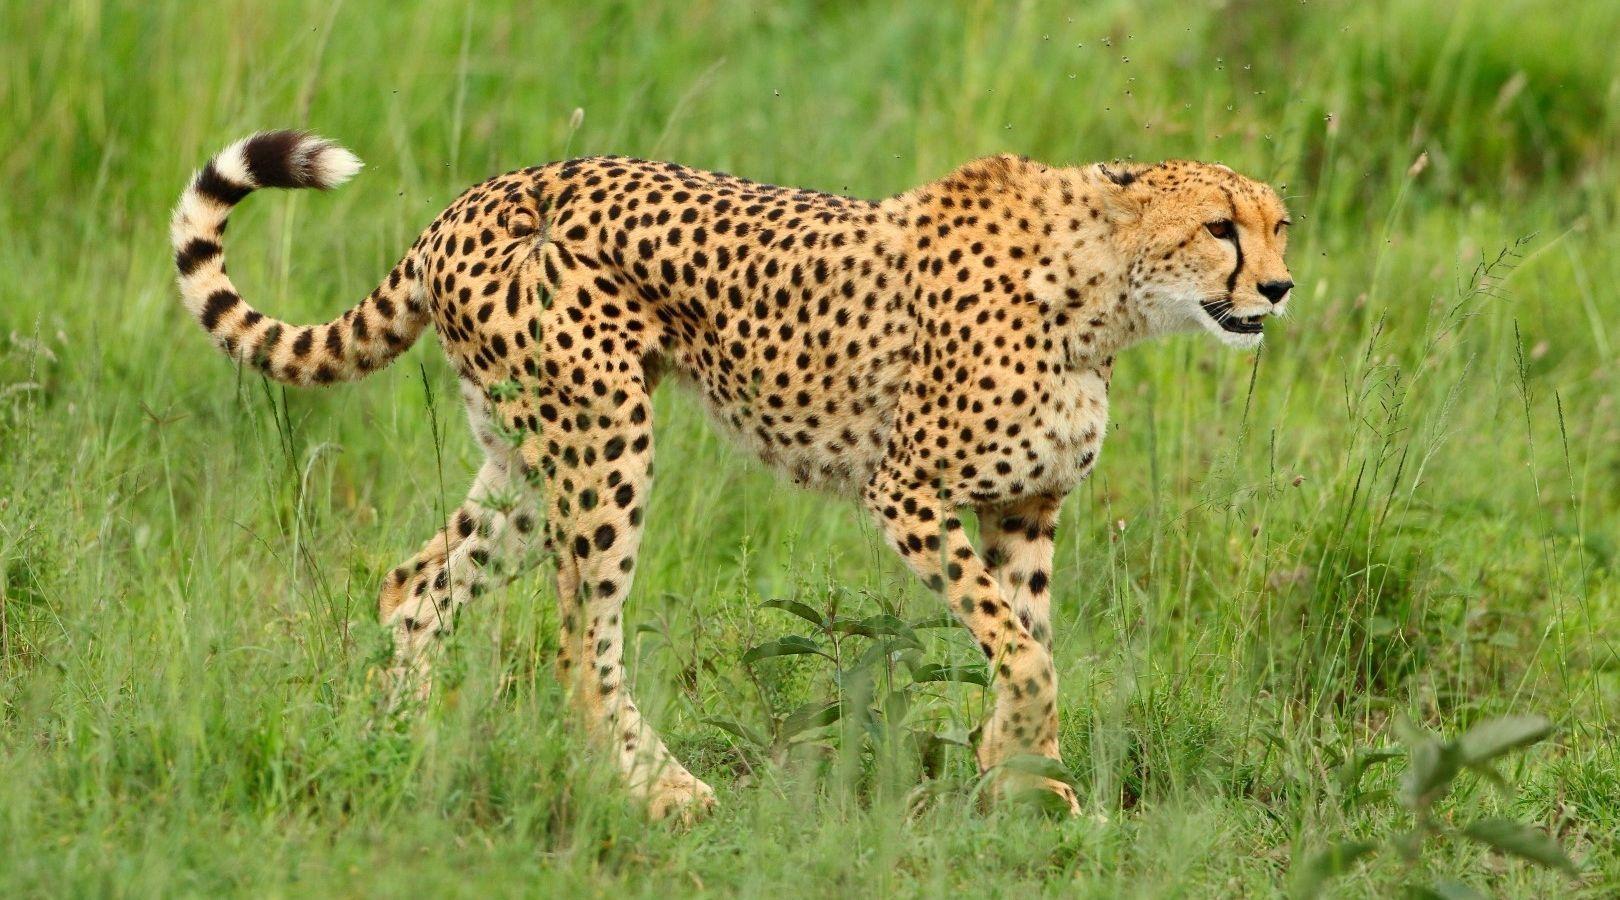 Геном гепардов показал, что они 100 тысяч лет назад мигрировали в Африку из Северной Америки